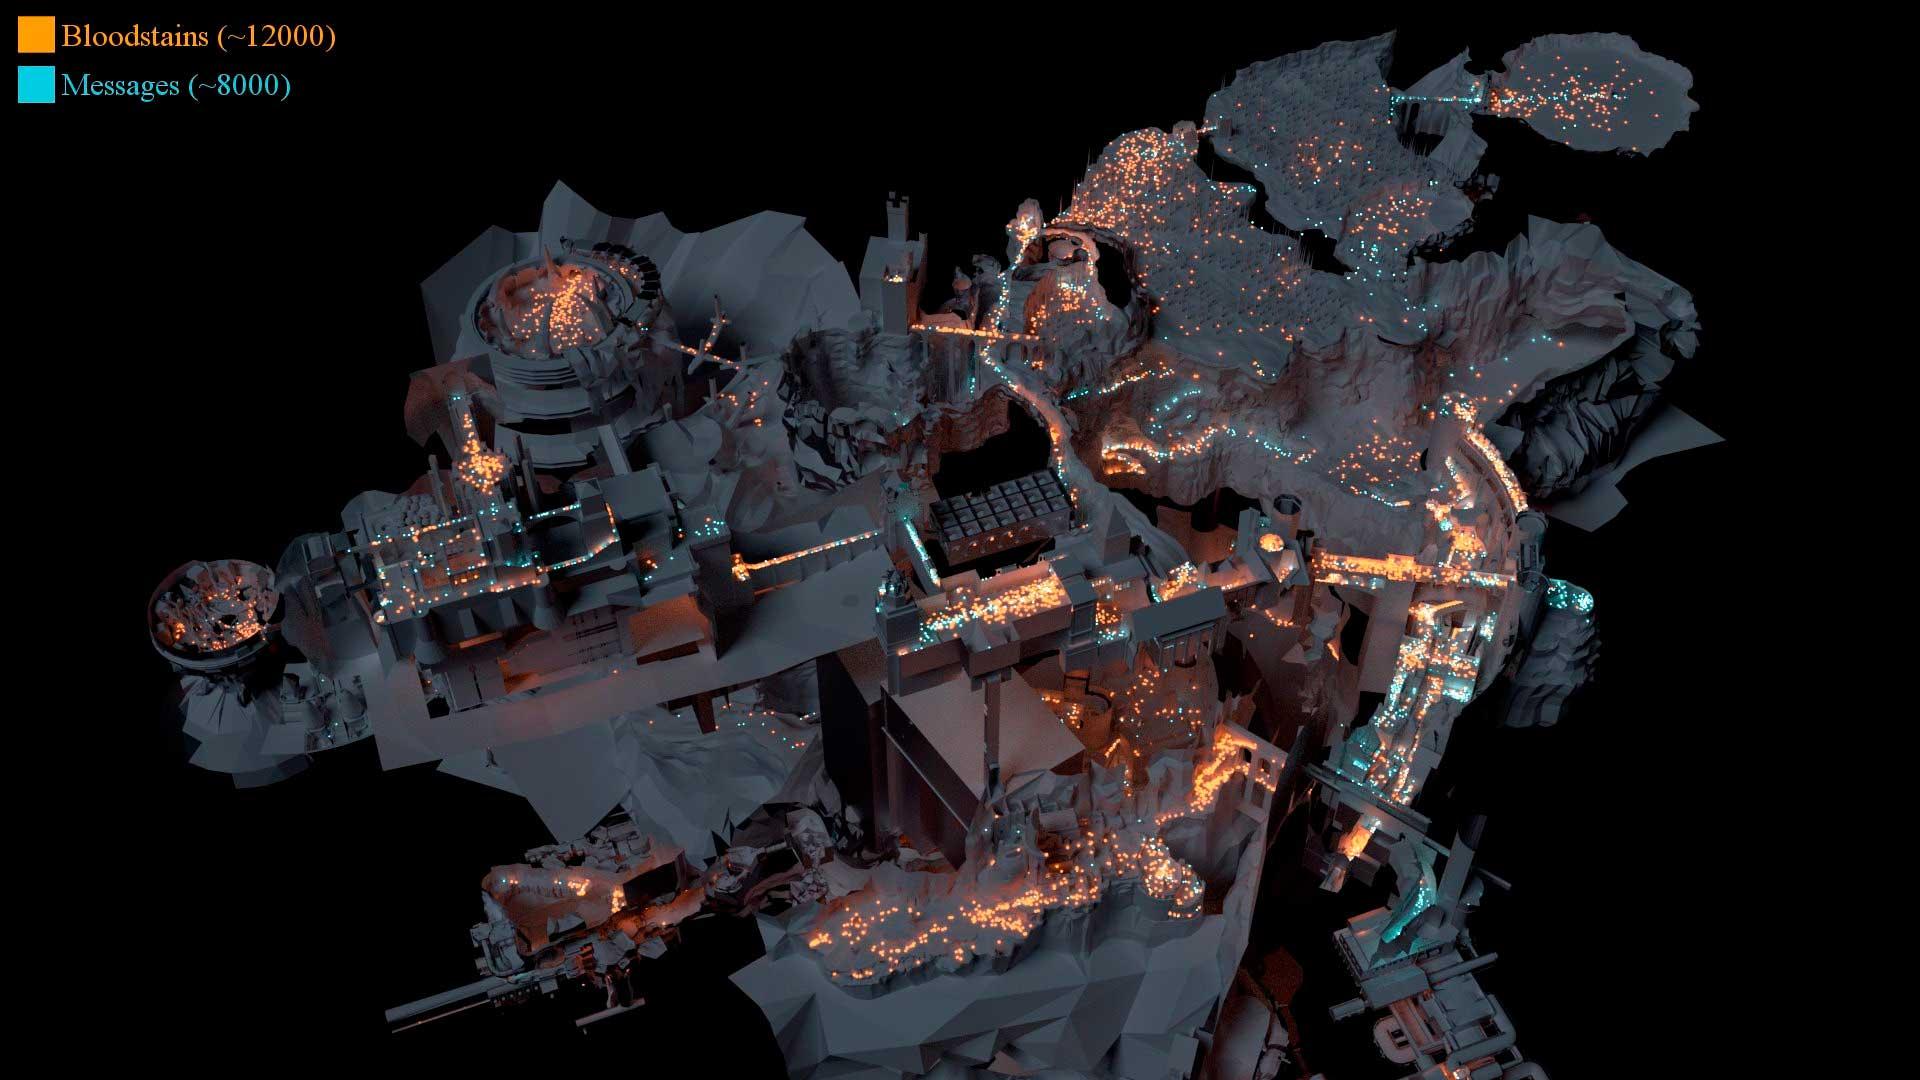 Este mapa de Dark Souls nos enseña los puntos críticos del juego 2